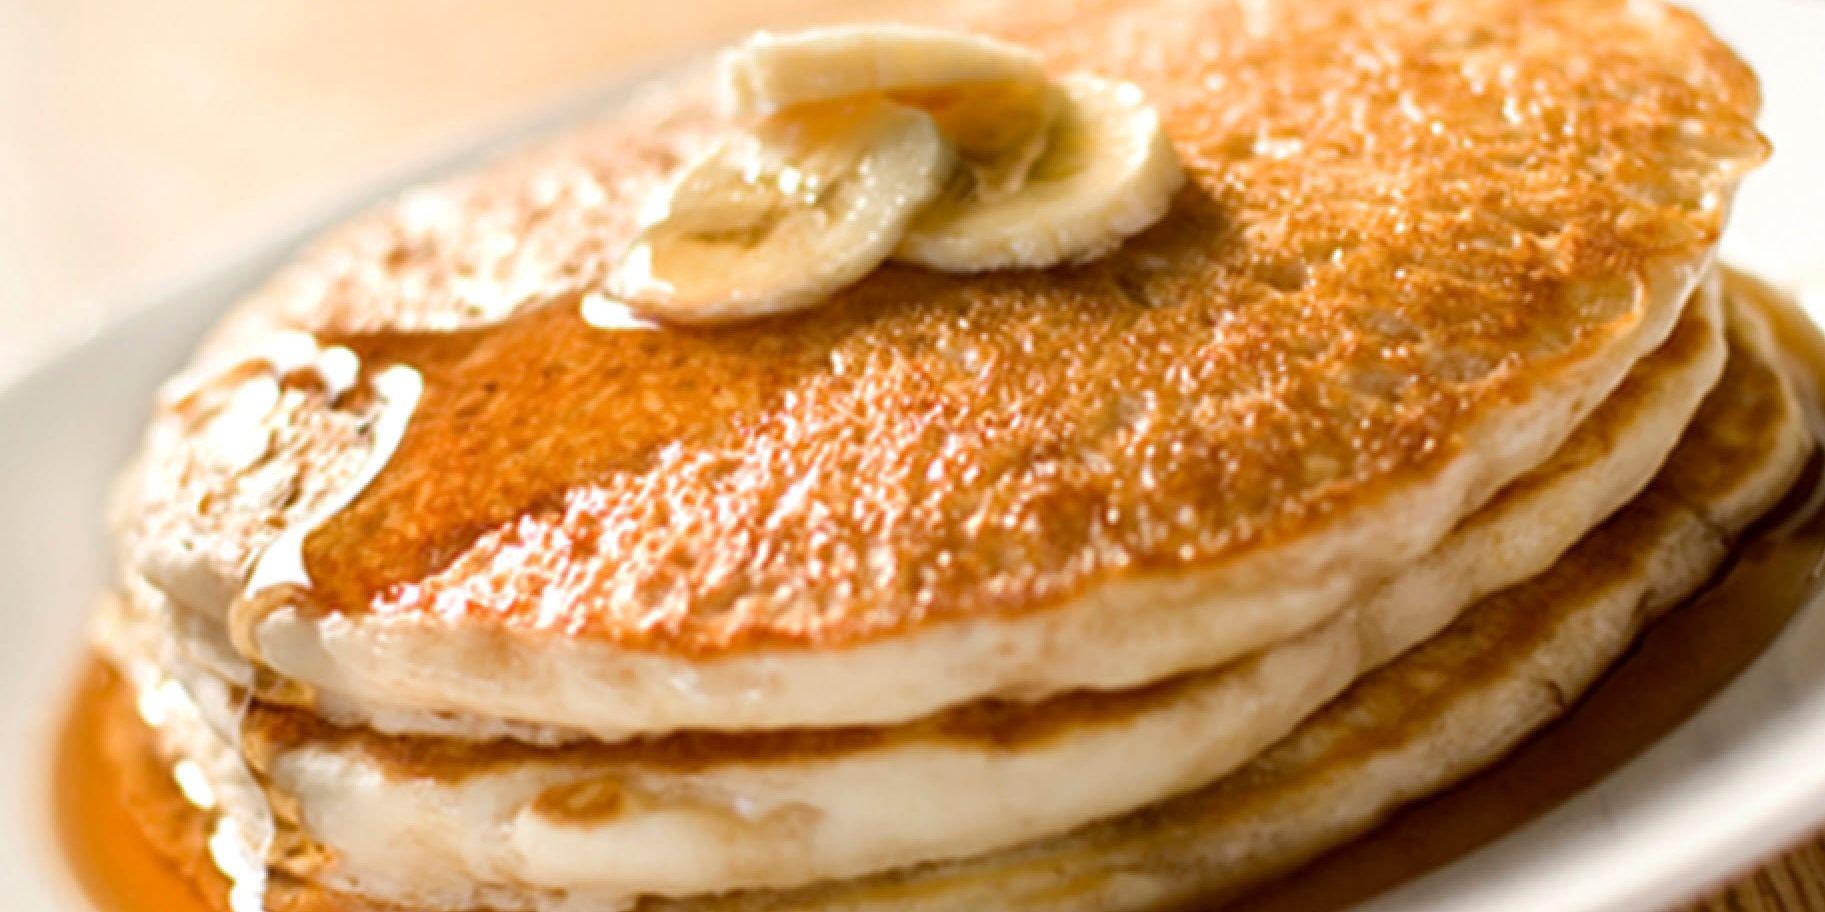 Myofusion protein pancakes sugar free pancakes sugar